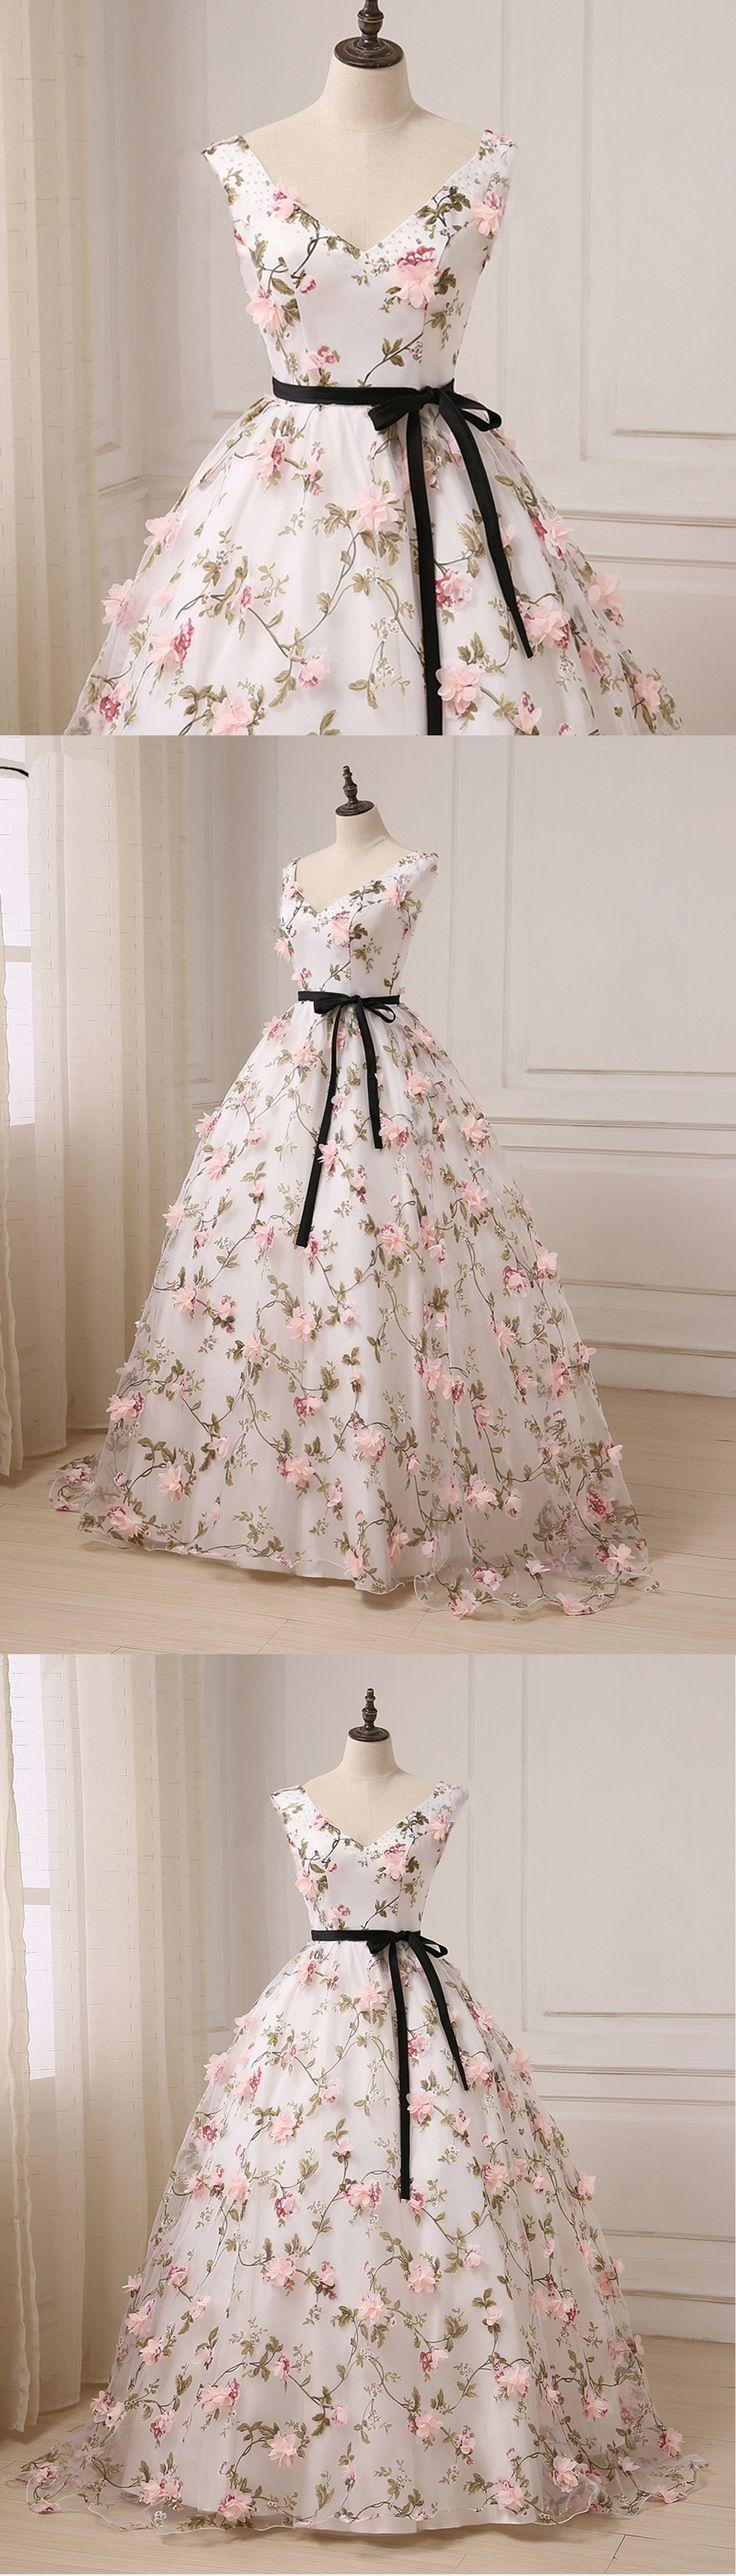 Cute floral print tulle V neck long evening dress, black sash formal prom dress